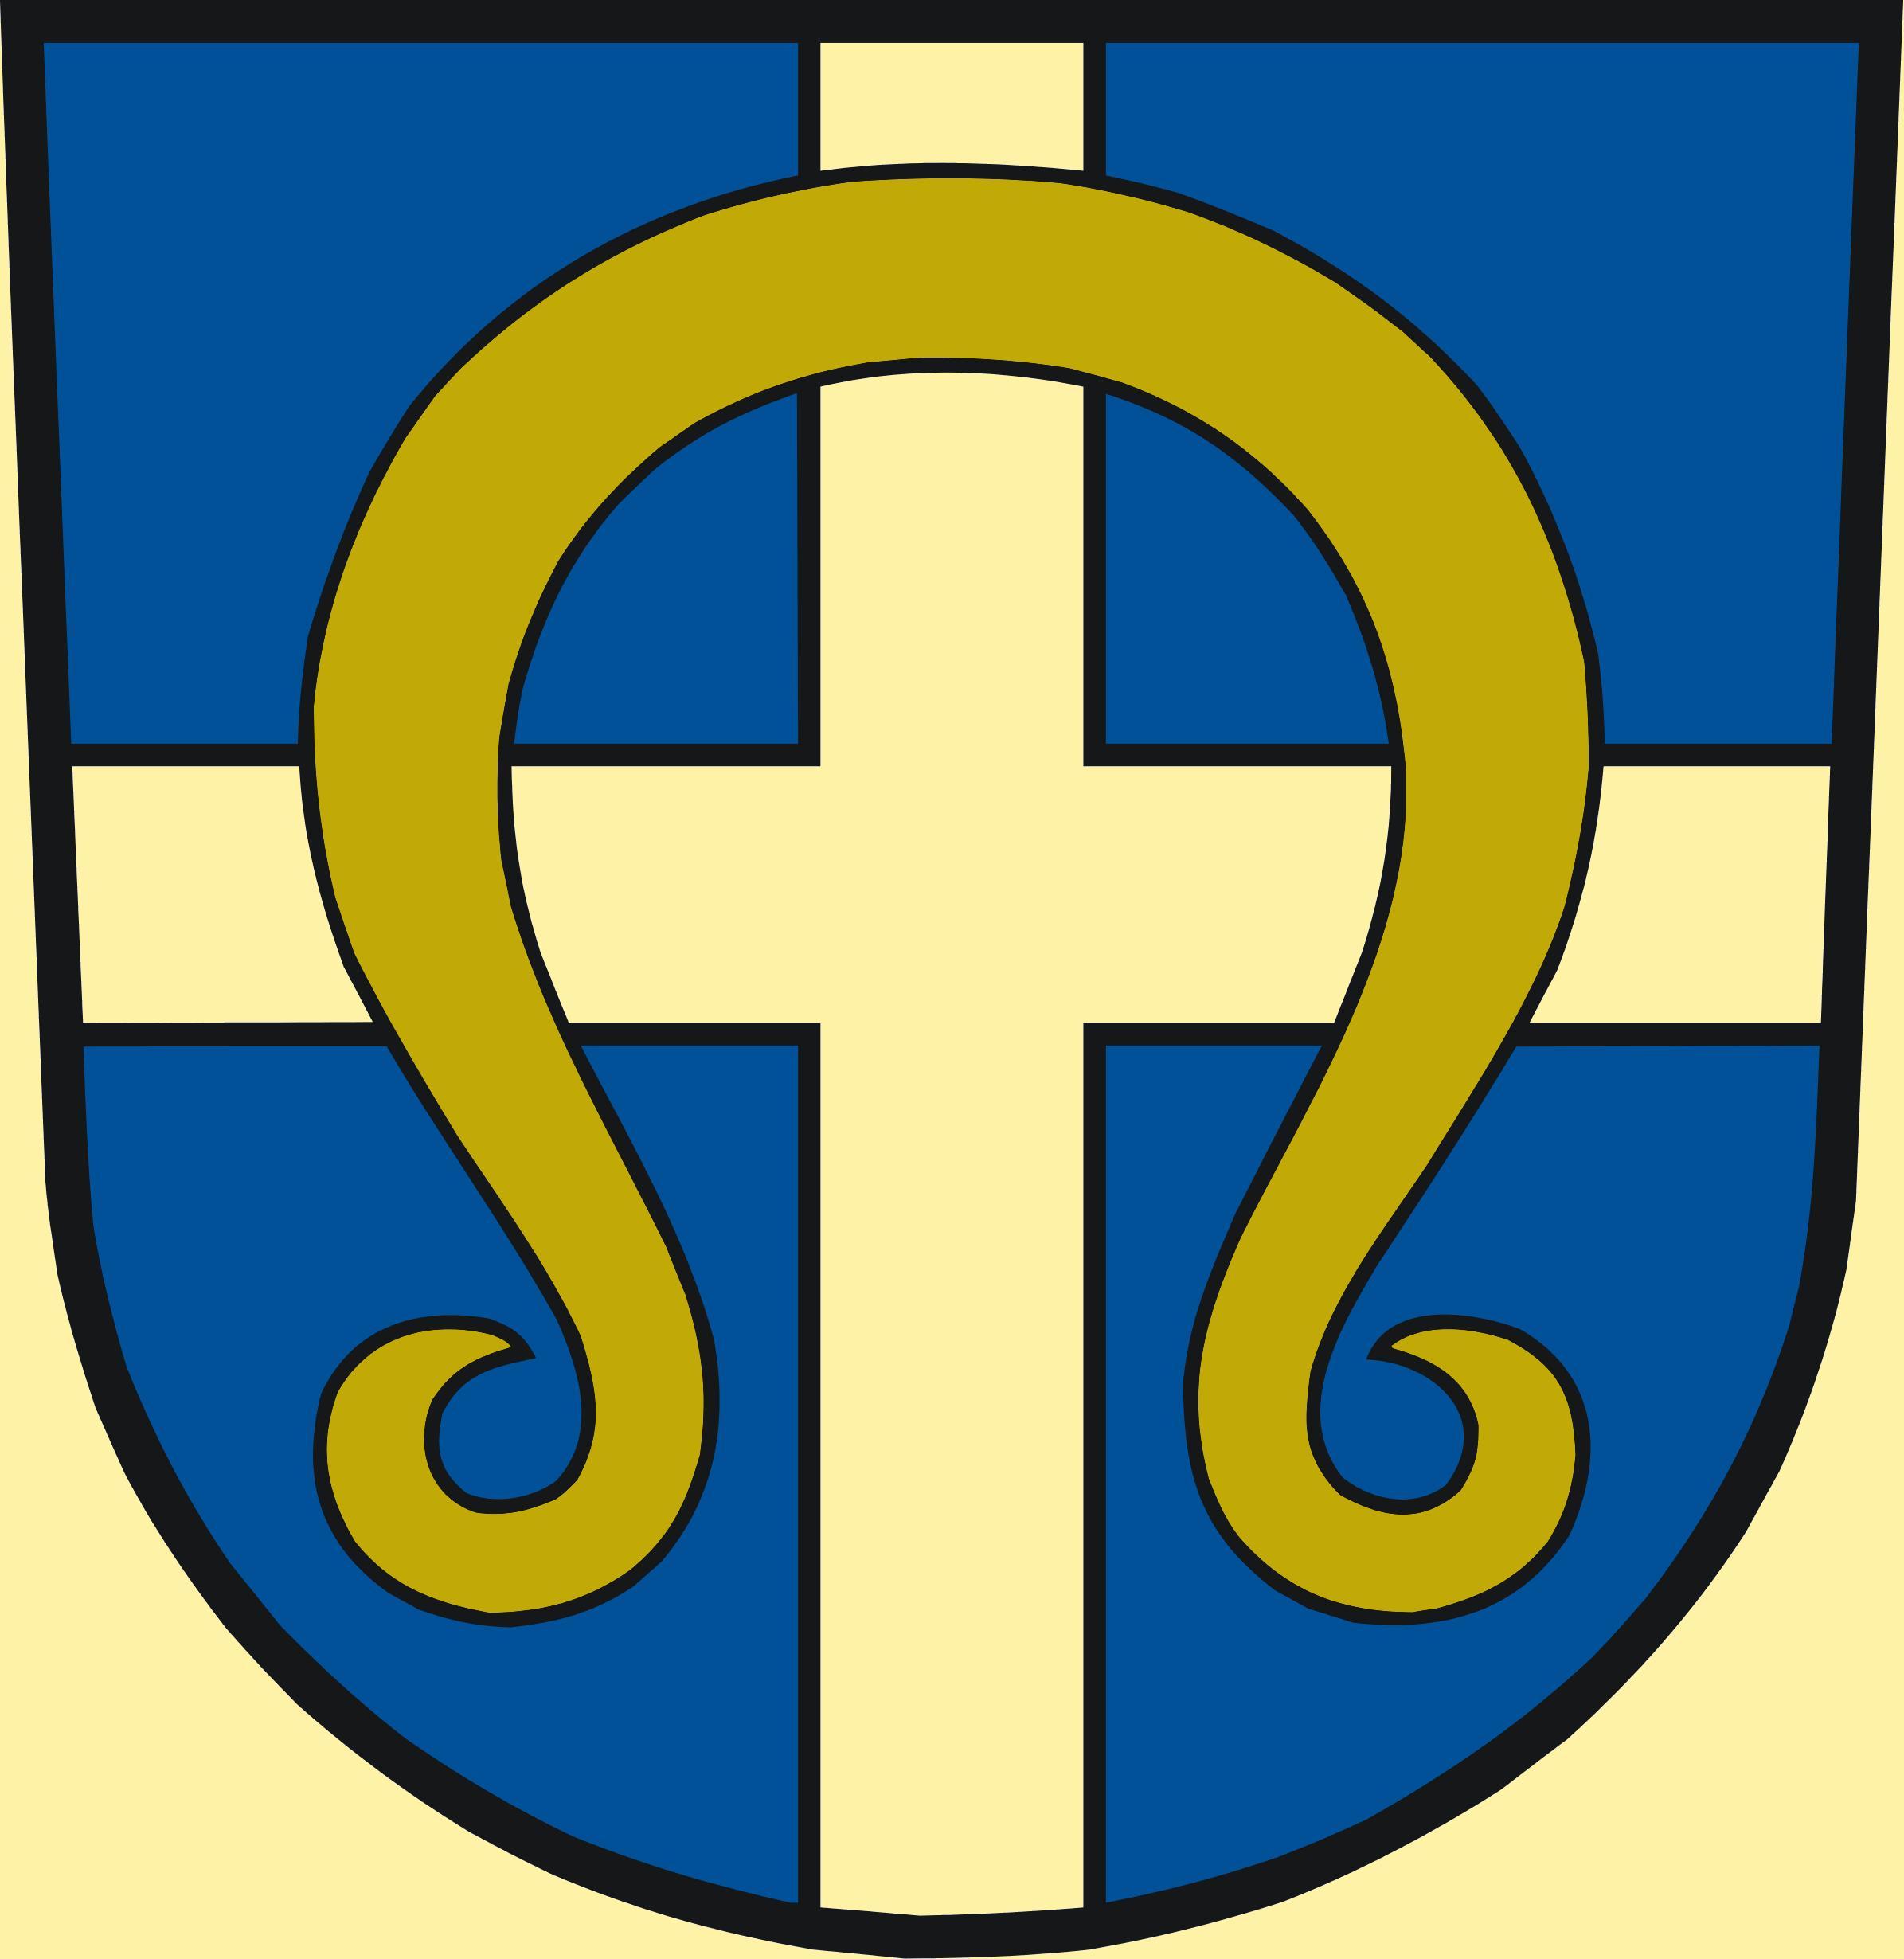 Firmen in Korntal-Münchingen, Landkreis Ludwigsburg